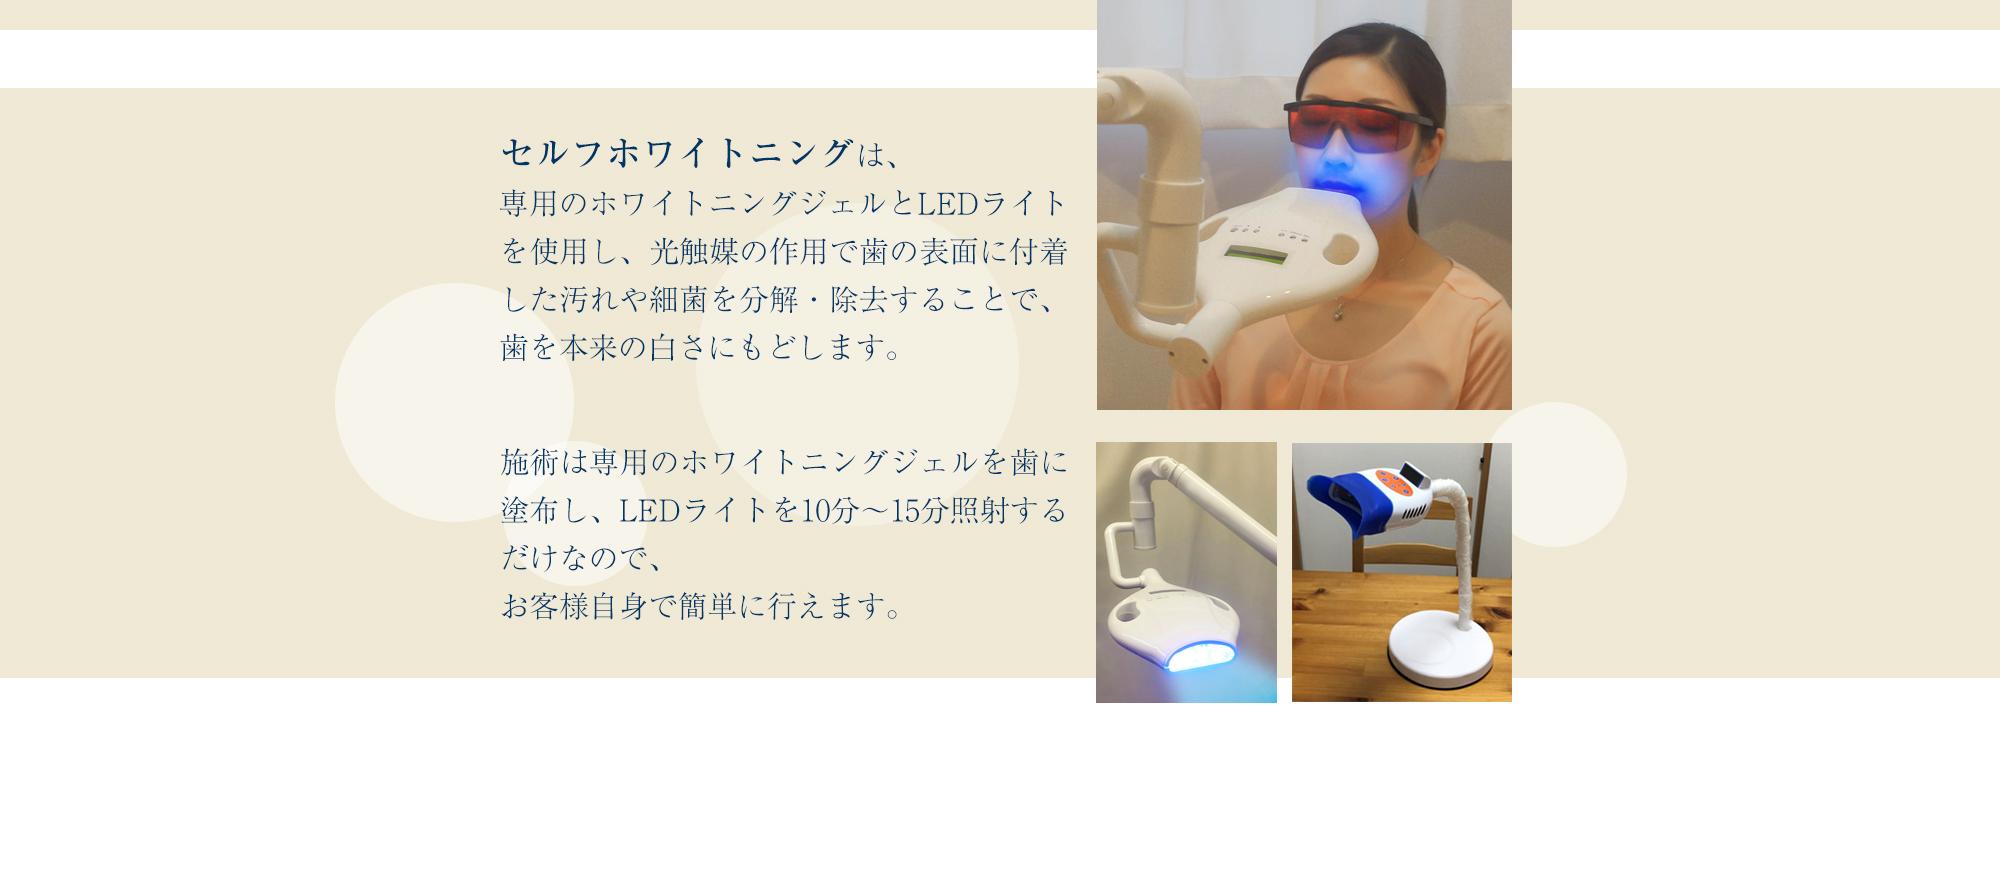 セルフホワイトニングは、専用のホワイトニングジェルとLEDライトを使用し、光触媒の作用で歯の表面に付着した汚れや細菌を分解・除去することで、歯を本来の白さにもどします。